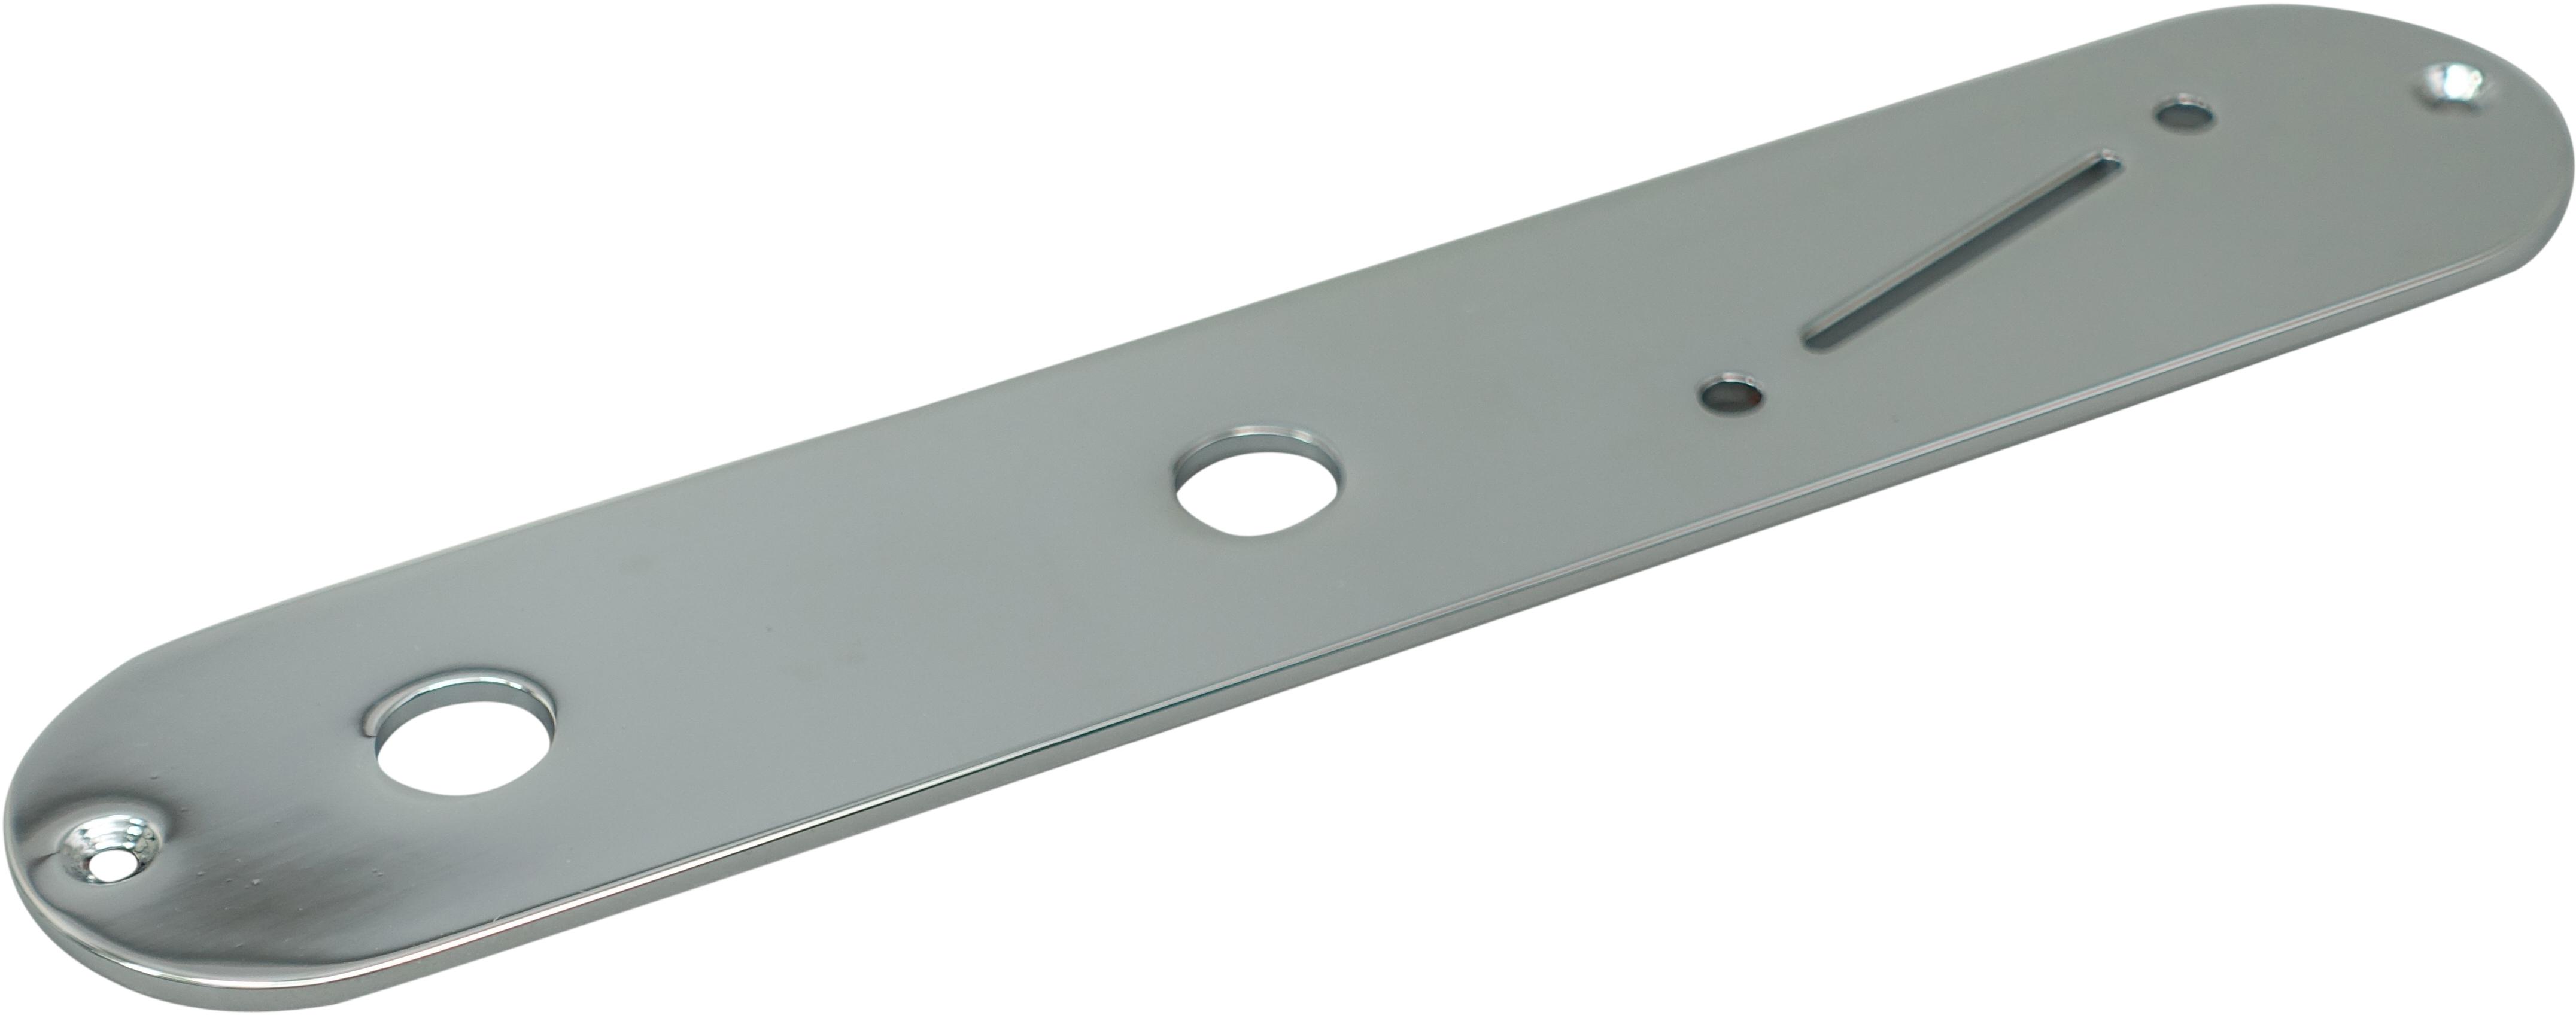 GNA Tele Plate Slanted-Chrome